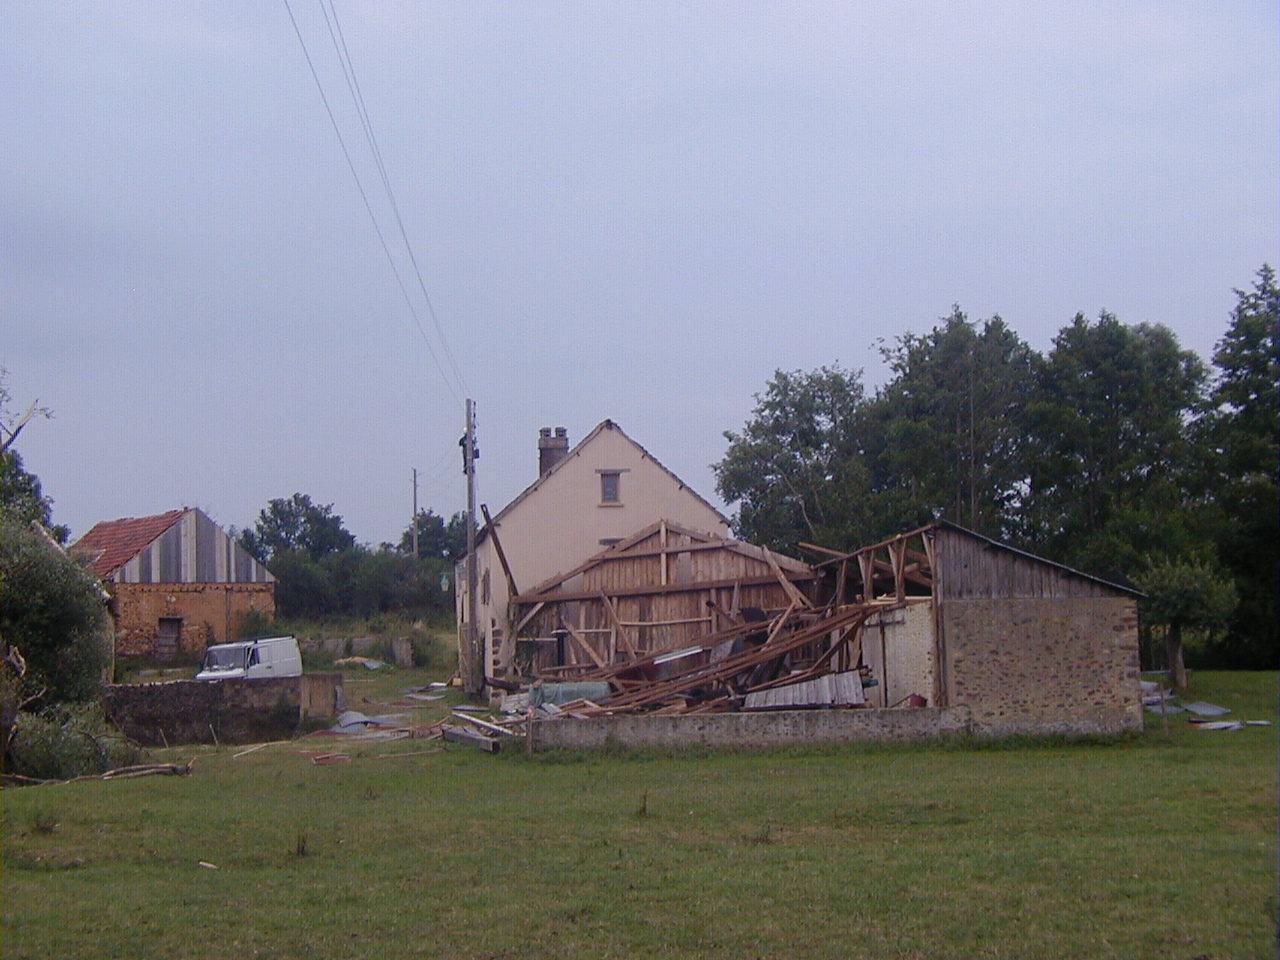 Le hangar, en partie emporté par la tempête de 2005, abritait la scierie et les machines agricoles du moulin.